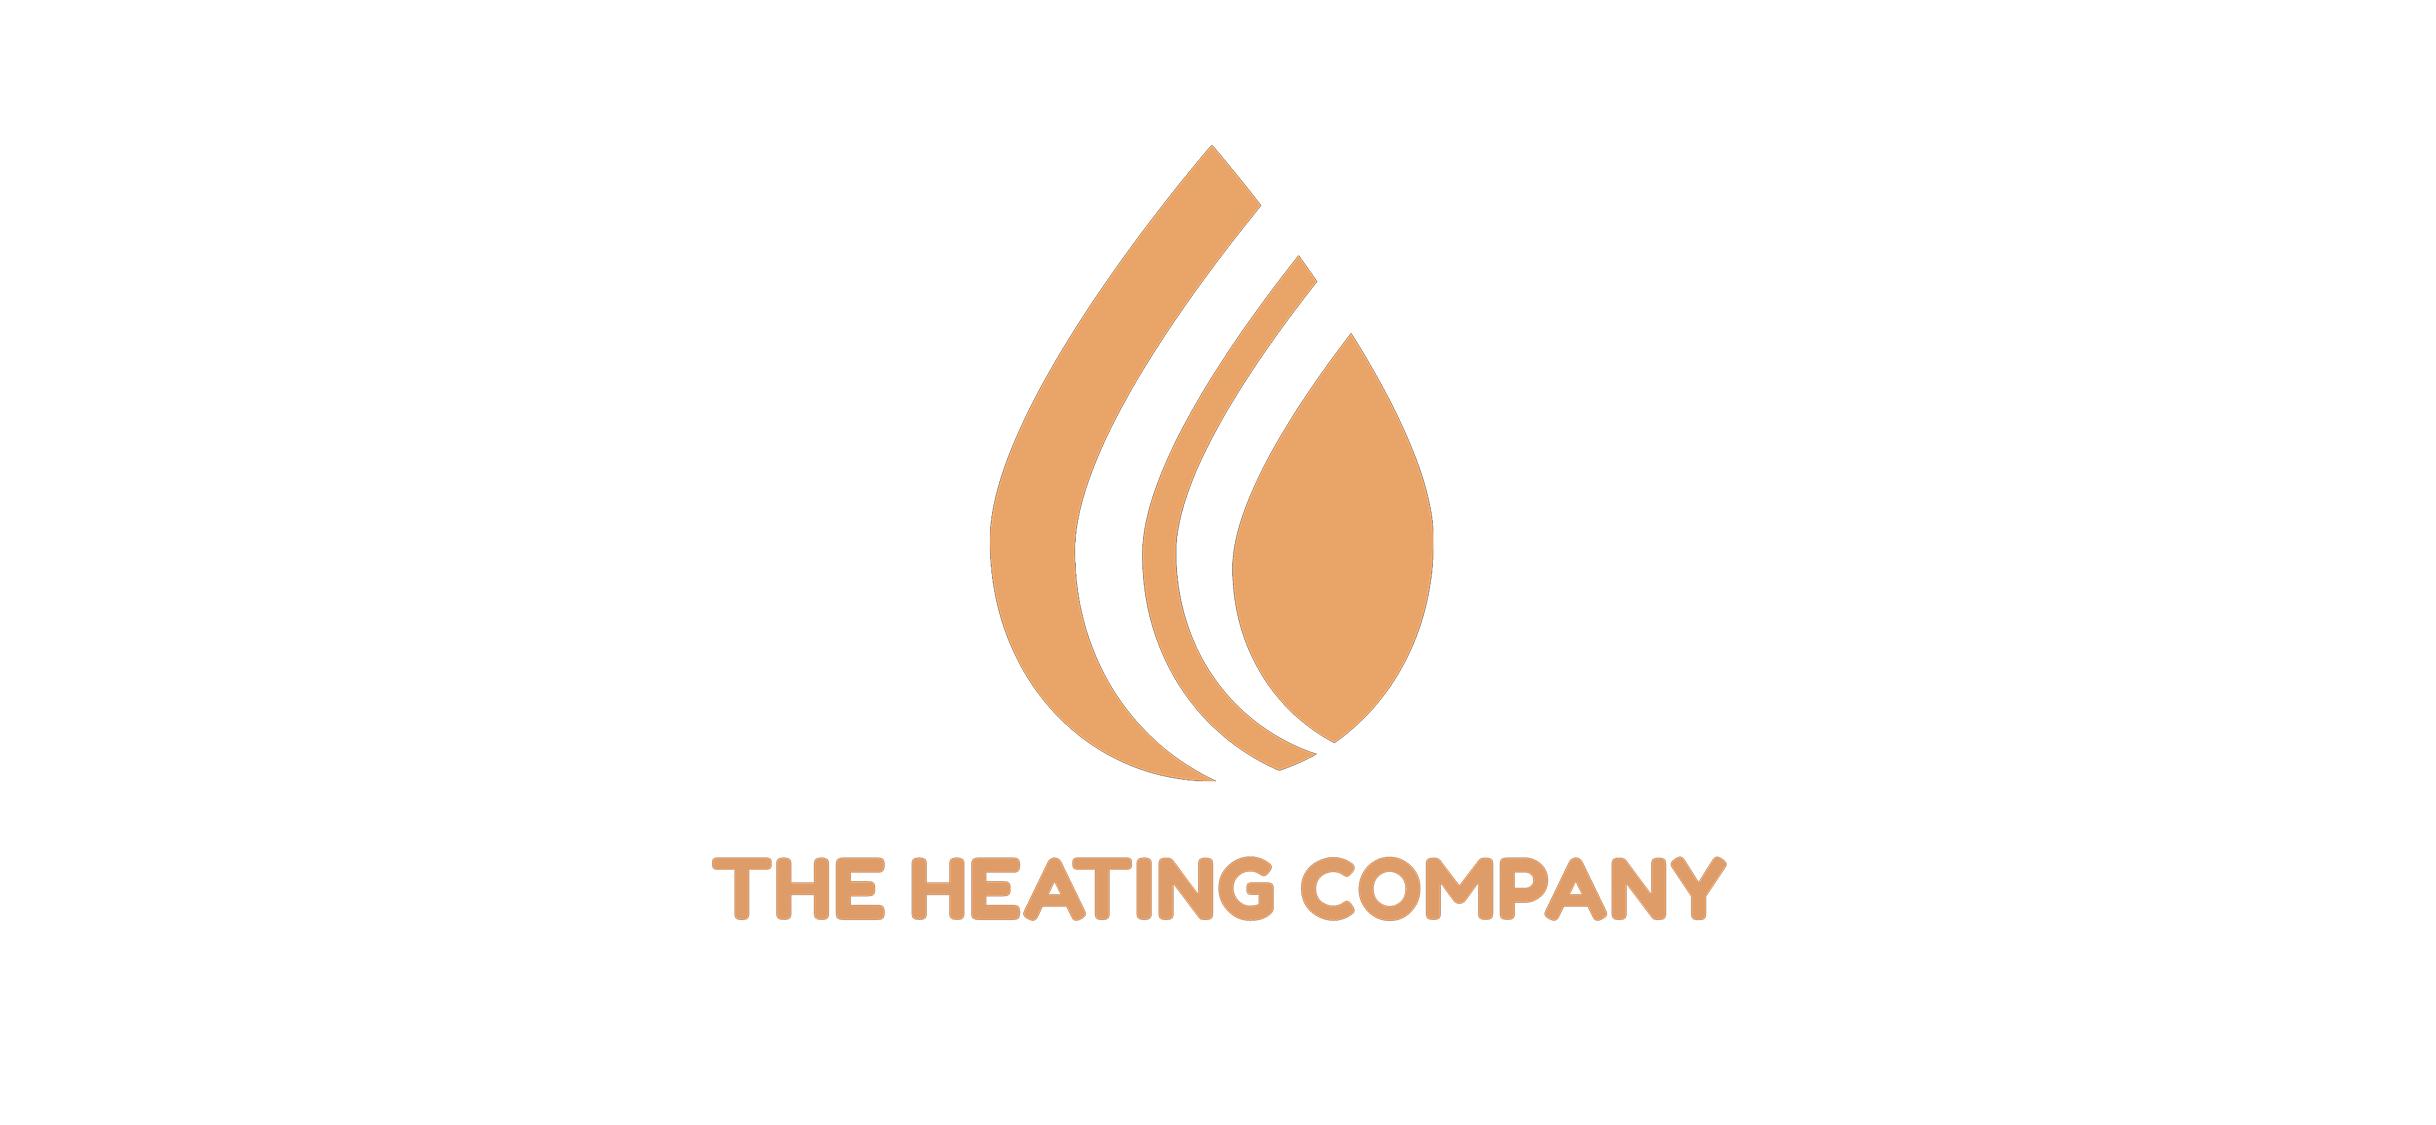 The Heating Company Verified Logo